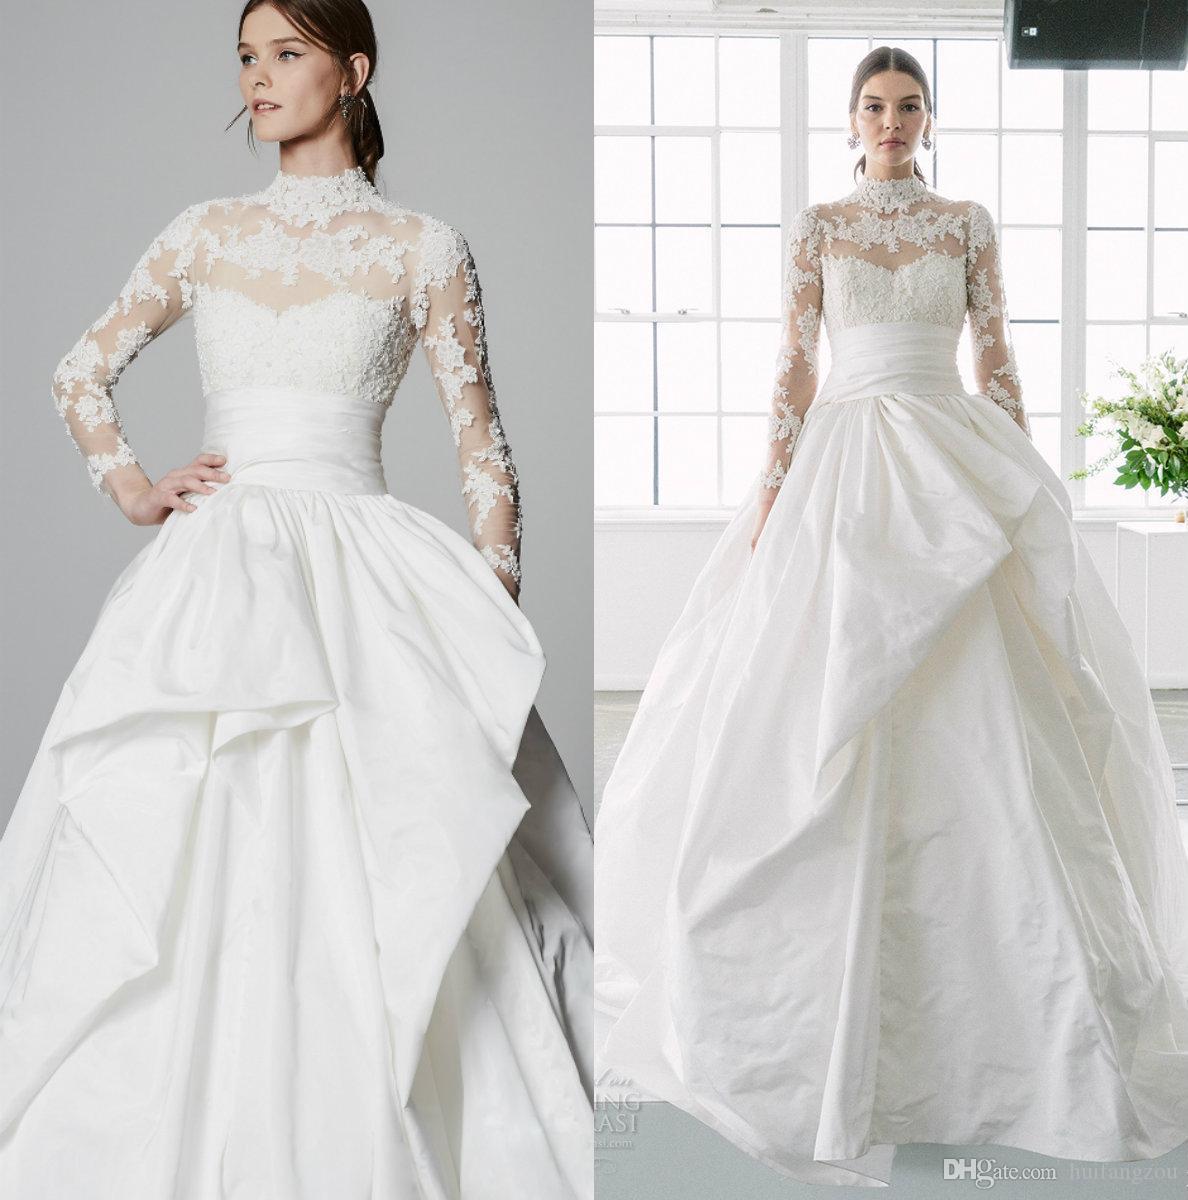 Marchesa Modest Brautkleider 2020 Spitze Appliziert Hoher Kragen Sweep Zug Land Brautkleid Nach Maß Plus Size Bohemian Brautkleid